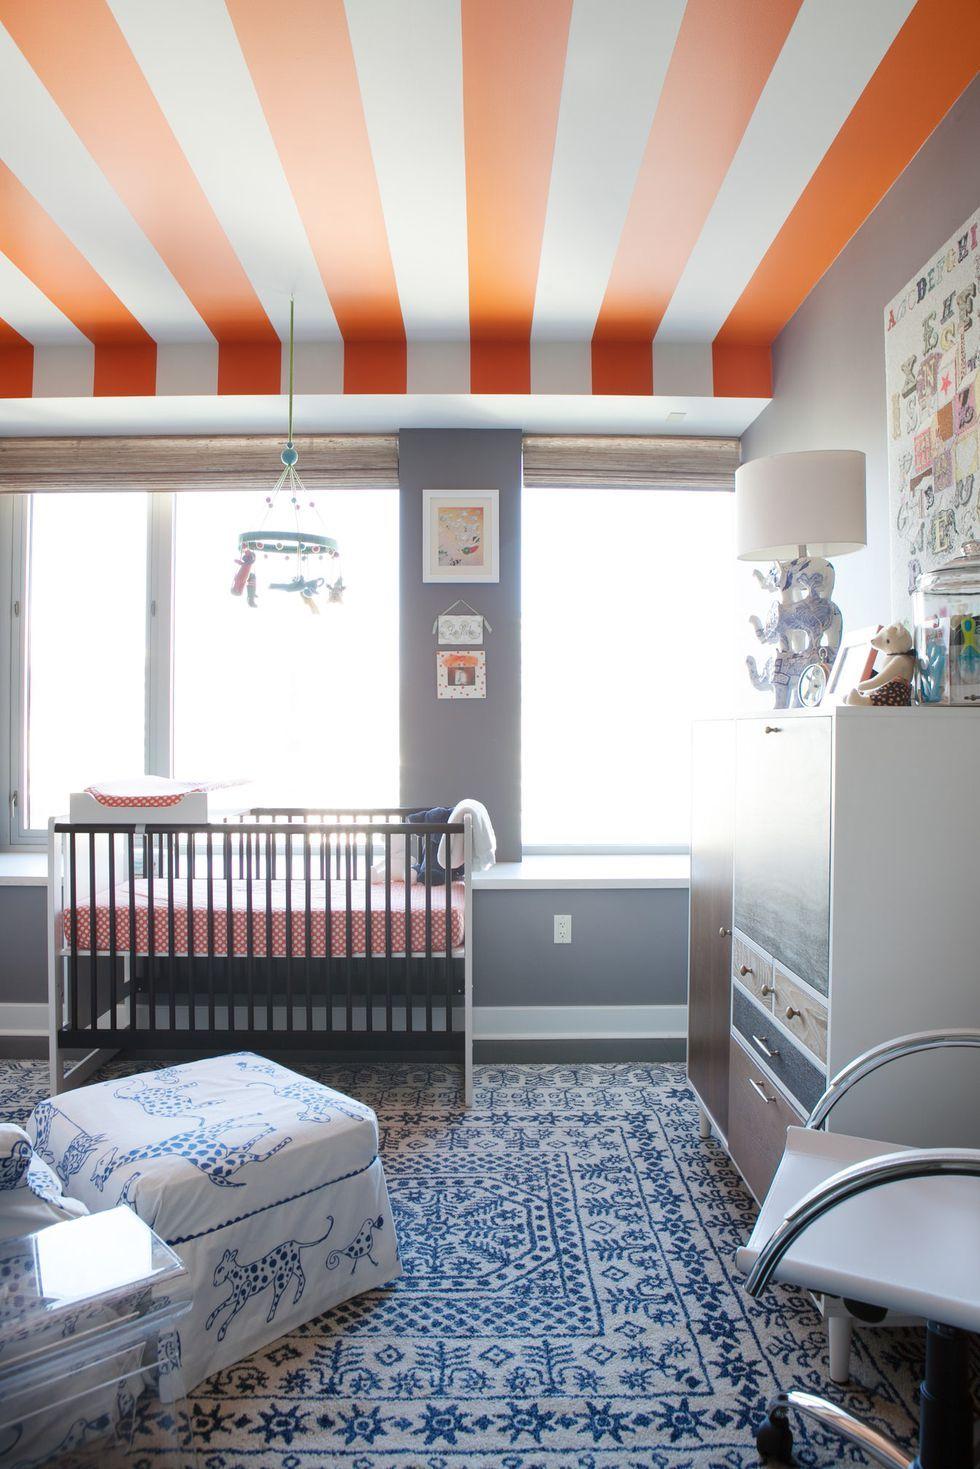 Best Gender Neutral Nursery Ideas Decor Tips For Gender Neutral Nurseries